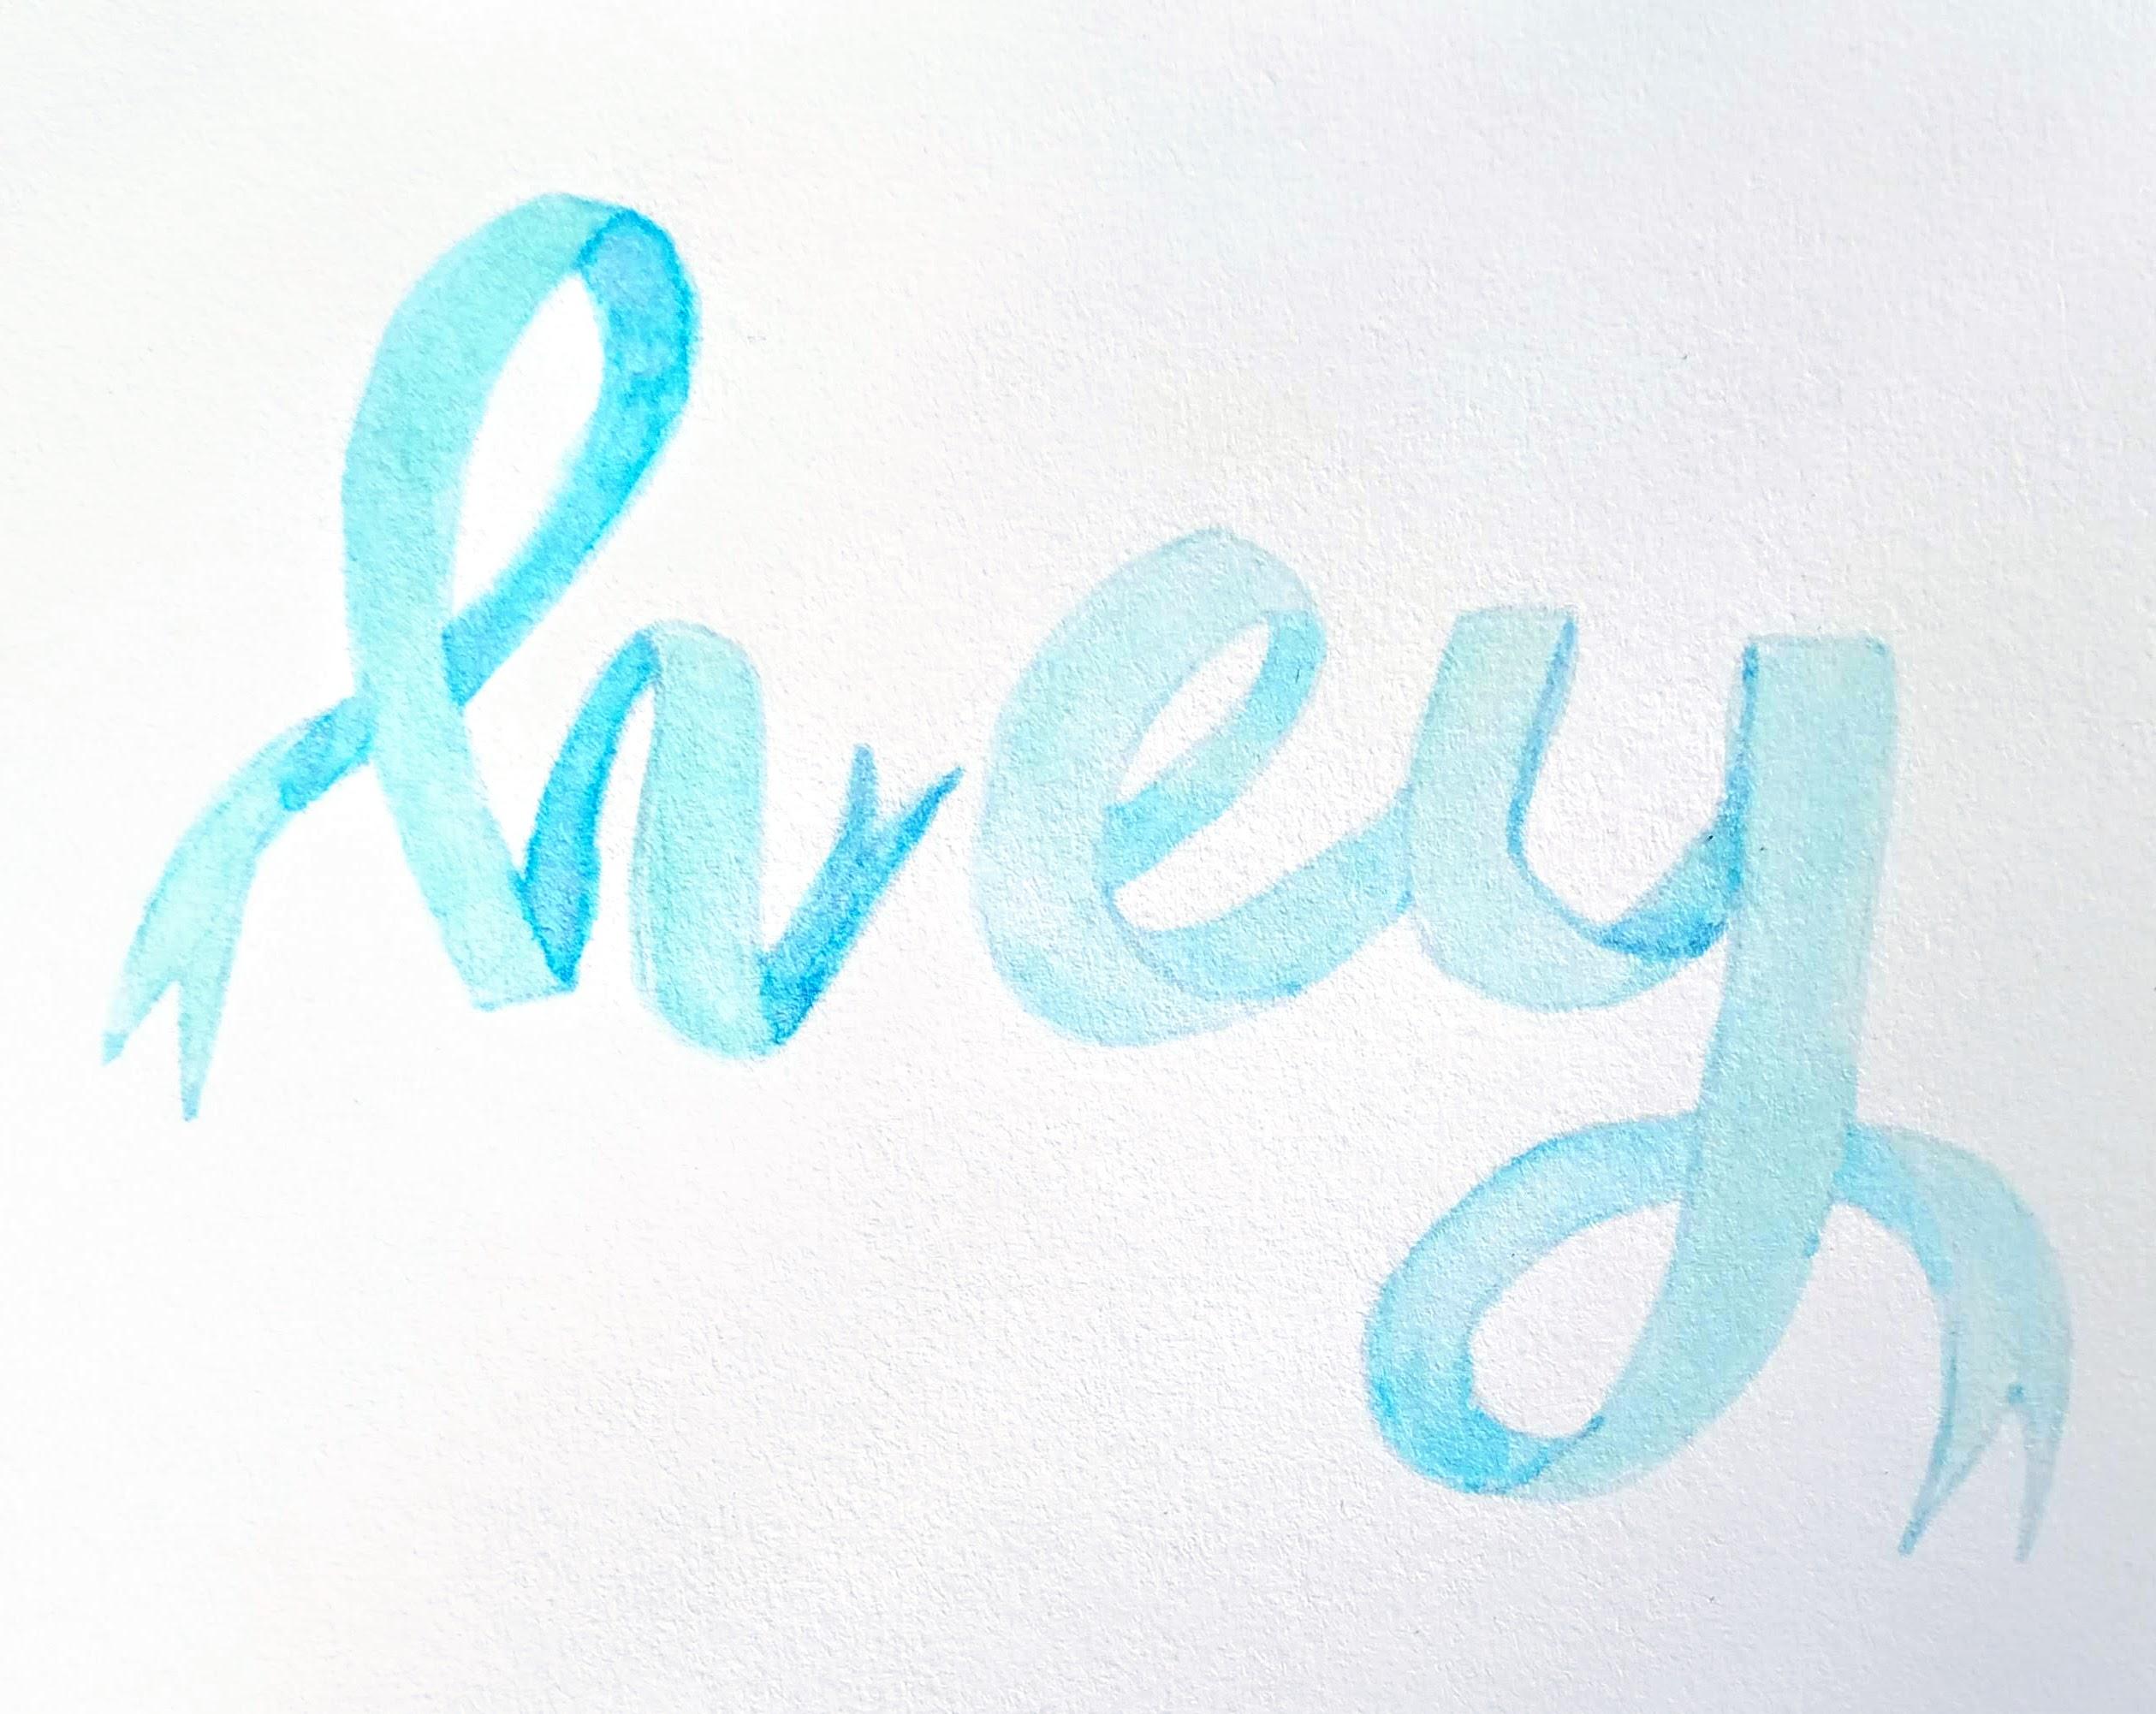 """Fertiges Ribbon Lettering auf Aquarell - Papier mit Tombow Brushpens in verschiedenen Blautönen kombiniert zum Wort """"hey"""", das aussieht als wäre es aus einem Ribbon gelettert."""